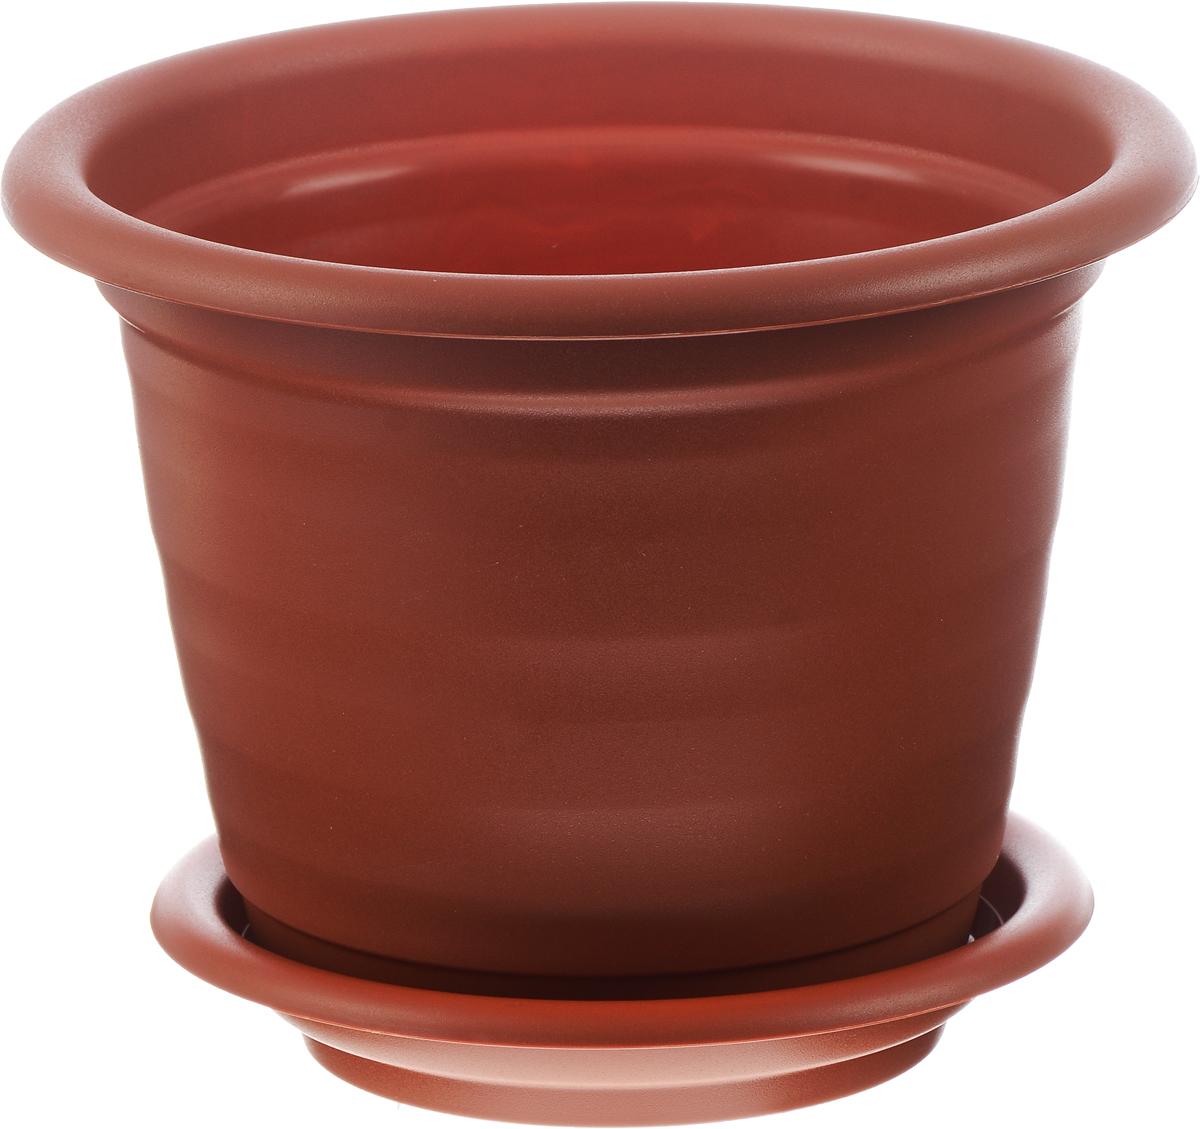 Кашпо Idea Ламела, с поддоном, цвет: терракотовый, 9 лМ 8204Кашпо Idea Ламела изготовлено из высококачественного пластика. Специальный поддон предназначен для стока воды. Изделие прекрасно подходит для выращивания растений и цветов в домашних условиях. Лаконичный дизайн впишется в интерьер любого помещения. Диаметр поддона: 24,5 см. Объем кашпо: 9 л. Диаметр кашпо по верхнему краю: 28 см. Высота кашпо: 42 см.